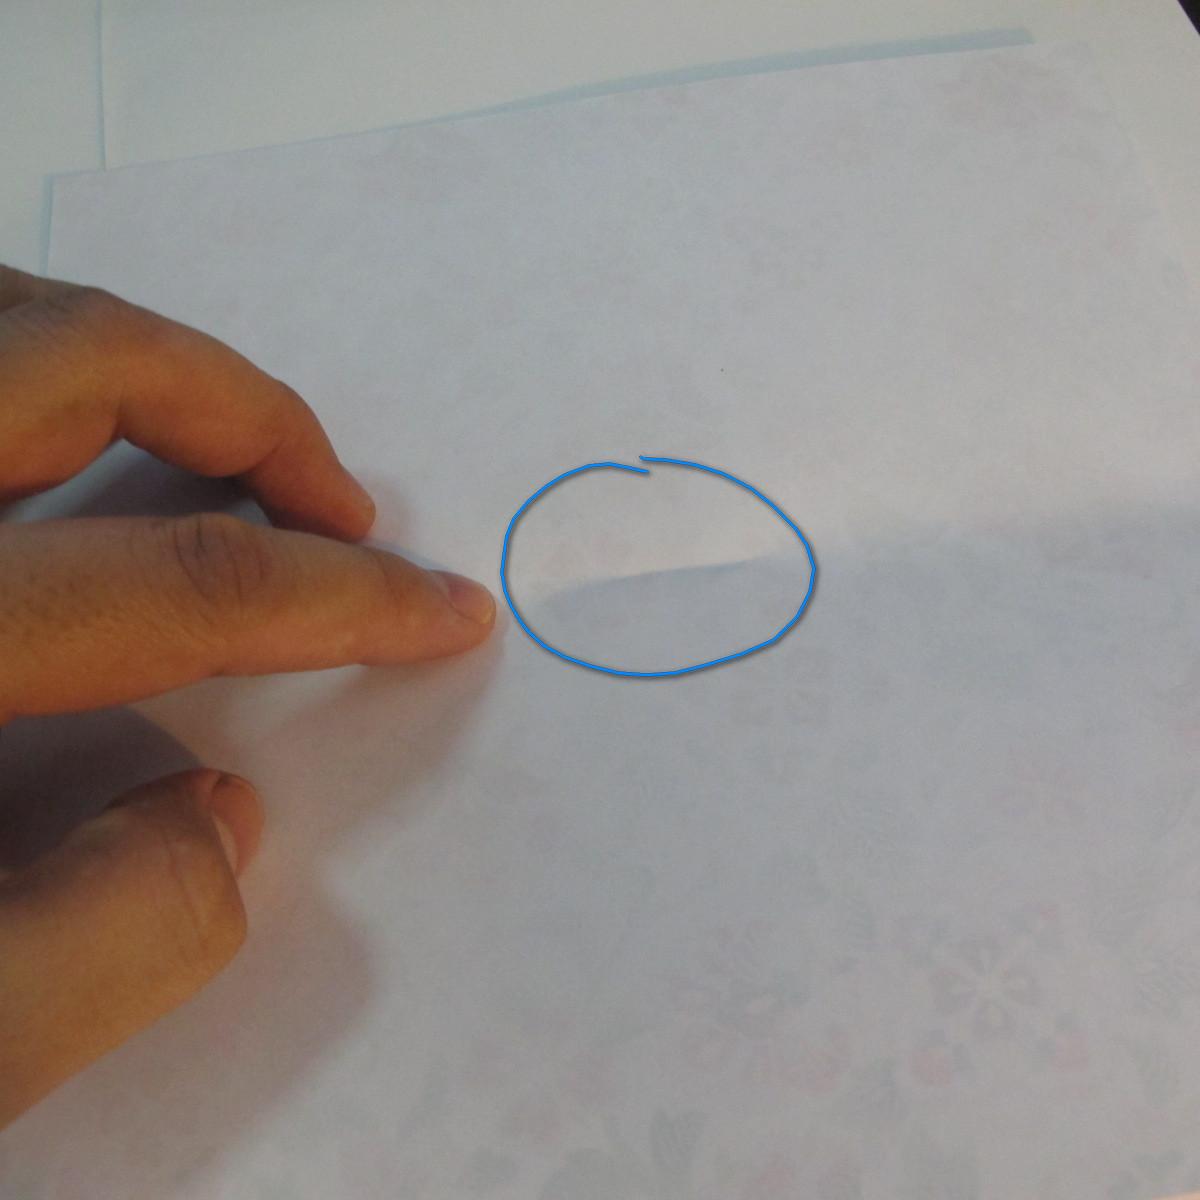 การพับกระดาษเป็นรูปหัวใจแบบ 3 มิติ 004